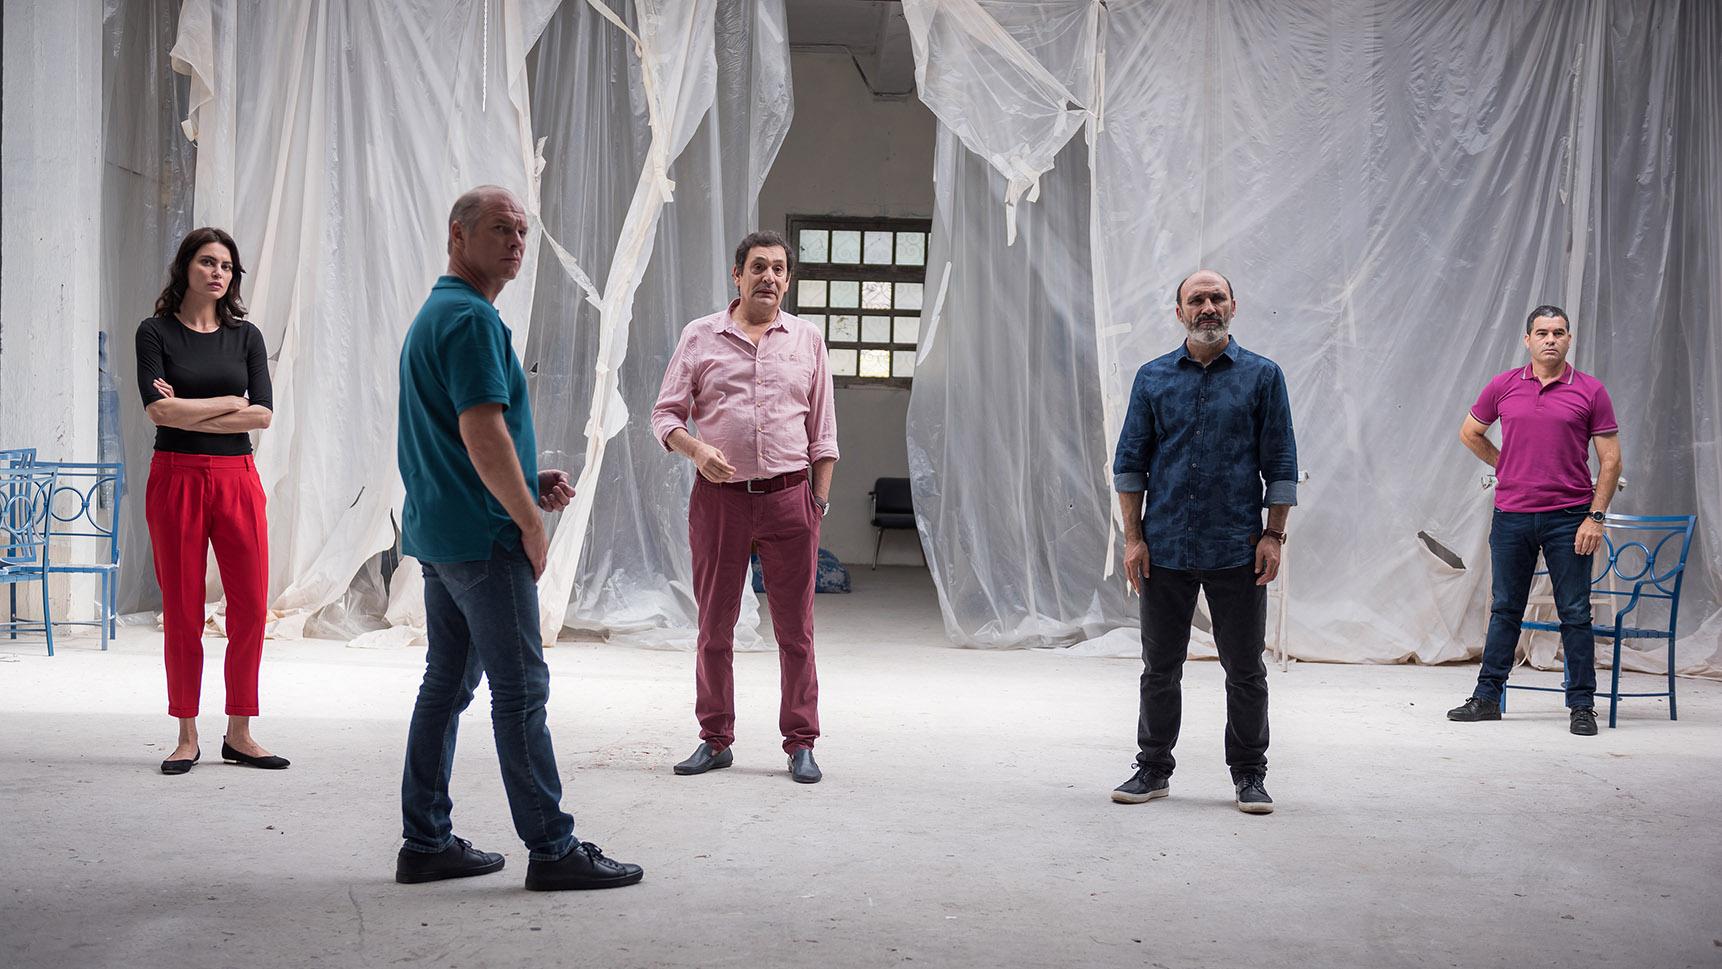 El Festival de Cine Europeo de Sevilla 2019 ofrece su primer avance